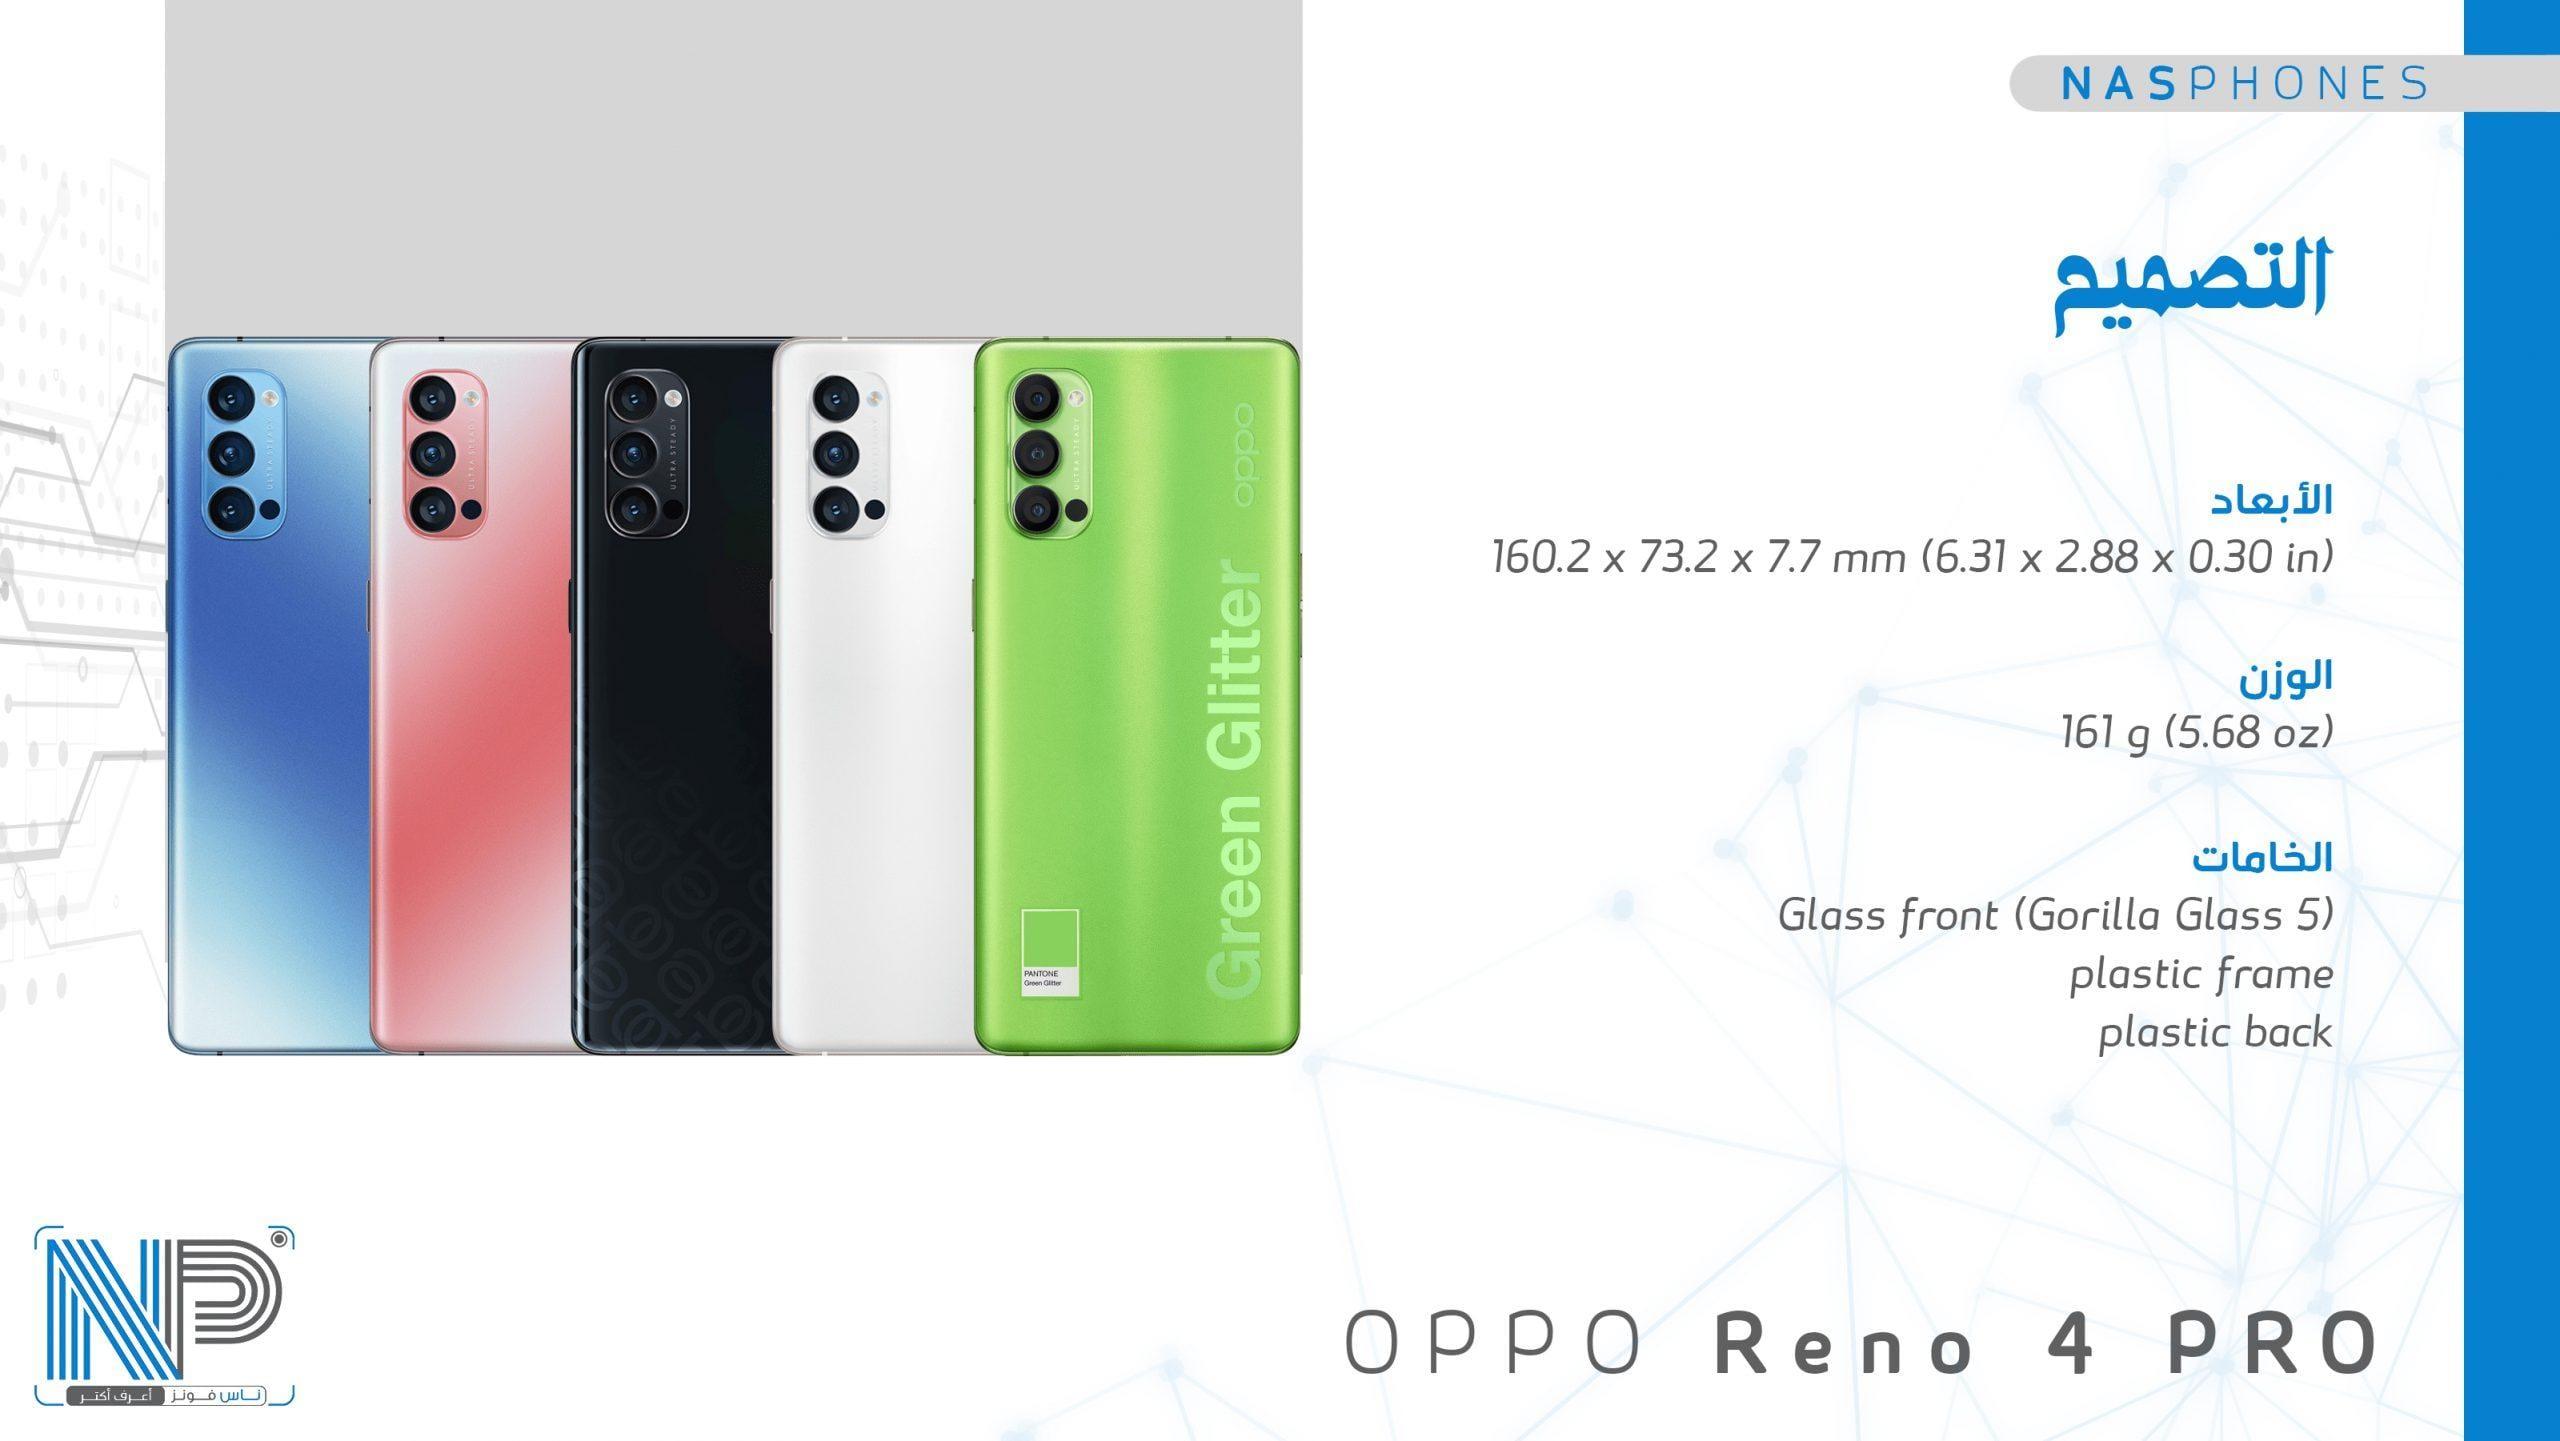 تصميم موبايل Oppo reno 4 Pro